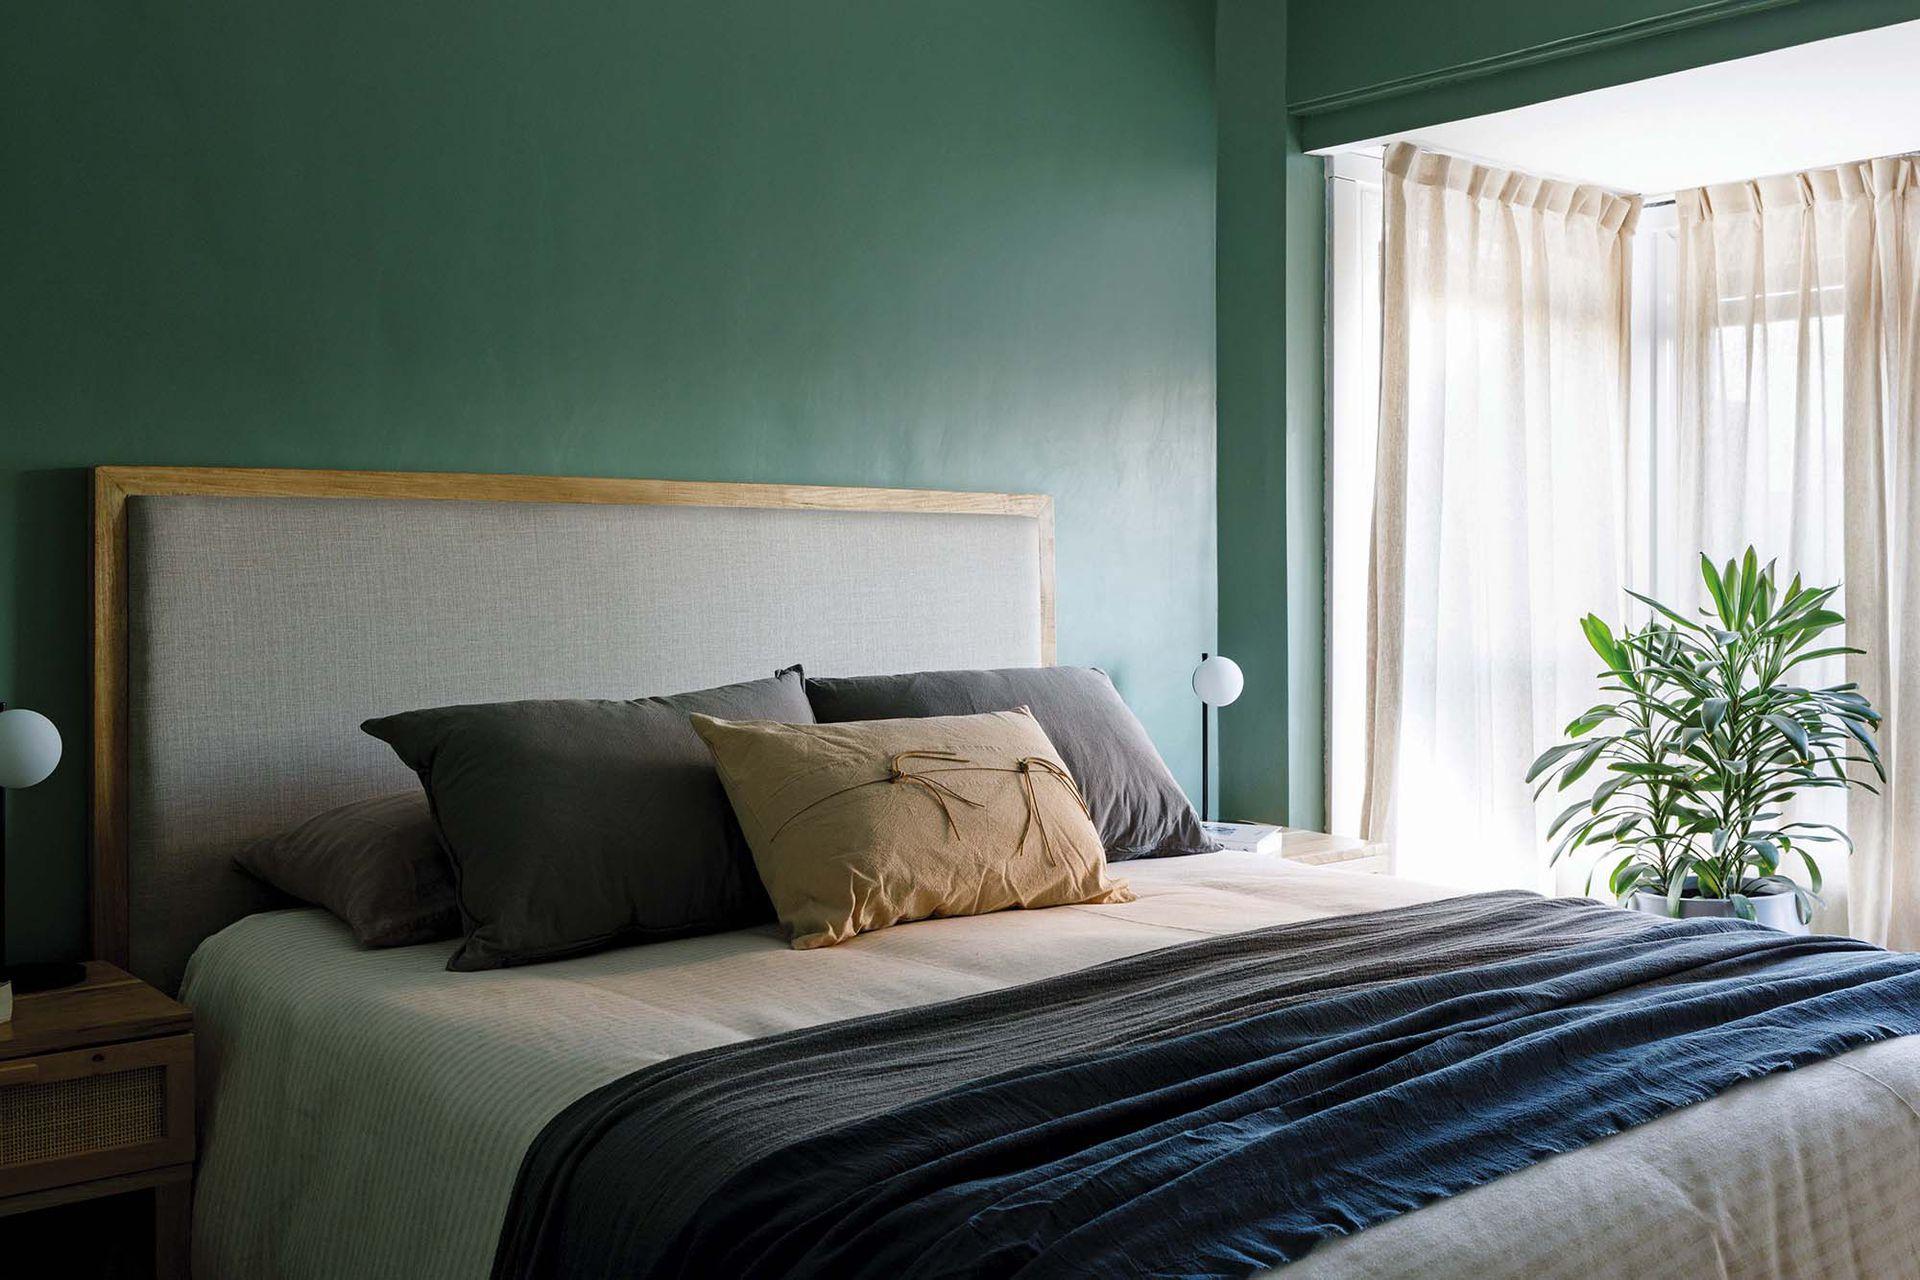 Ropa de cama, almohadas, almohadones, pie de cama (Lote Propio), manta (Josephine D).